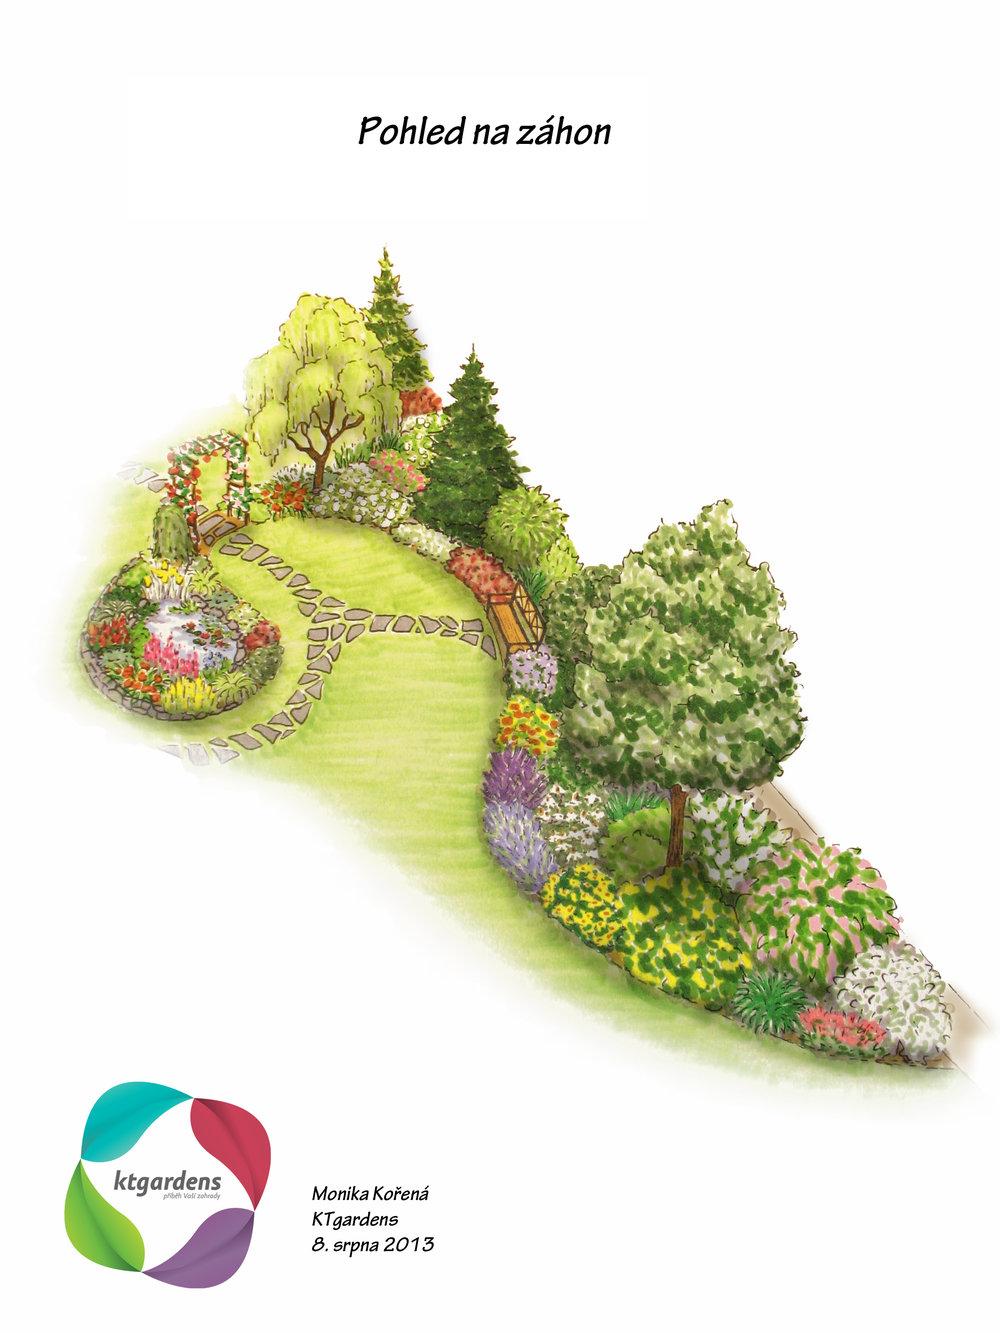 Návrh zahrady v Hutisku - Solanci, venkovská zahrada, KTgardens